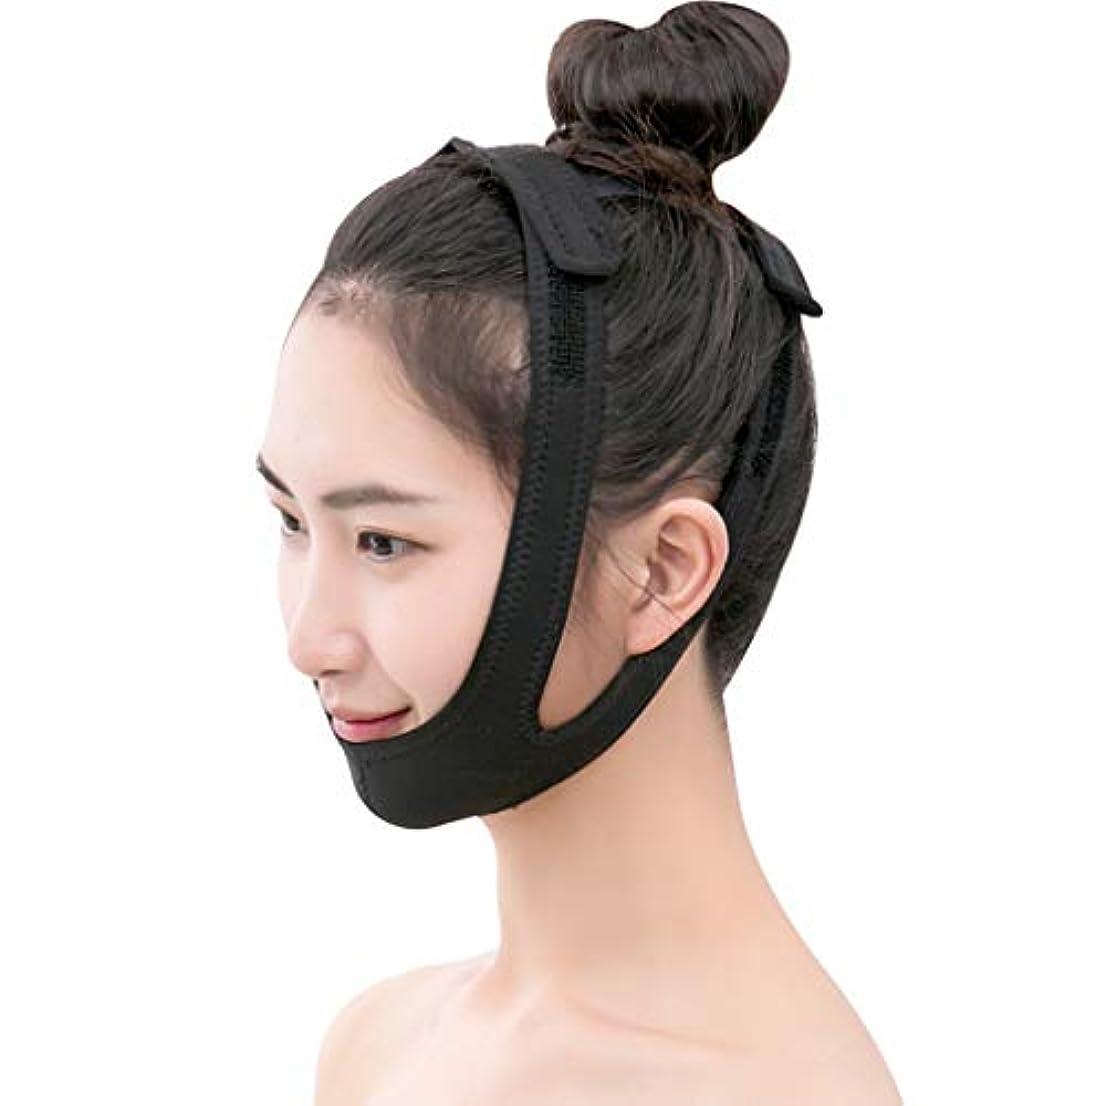 にじみ出る再発するアスペクト顔リフト手術回復ライン彫刻顔リフト顔のリフト v 顔睡眠マスク